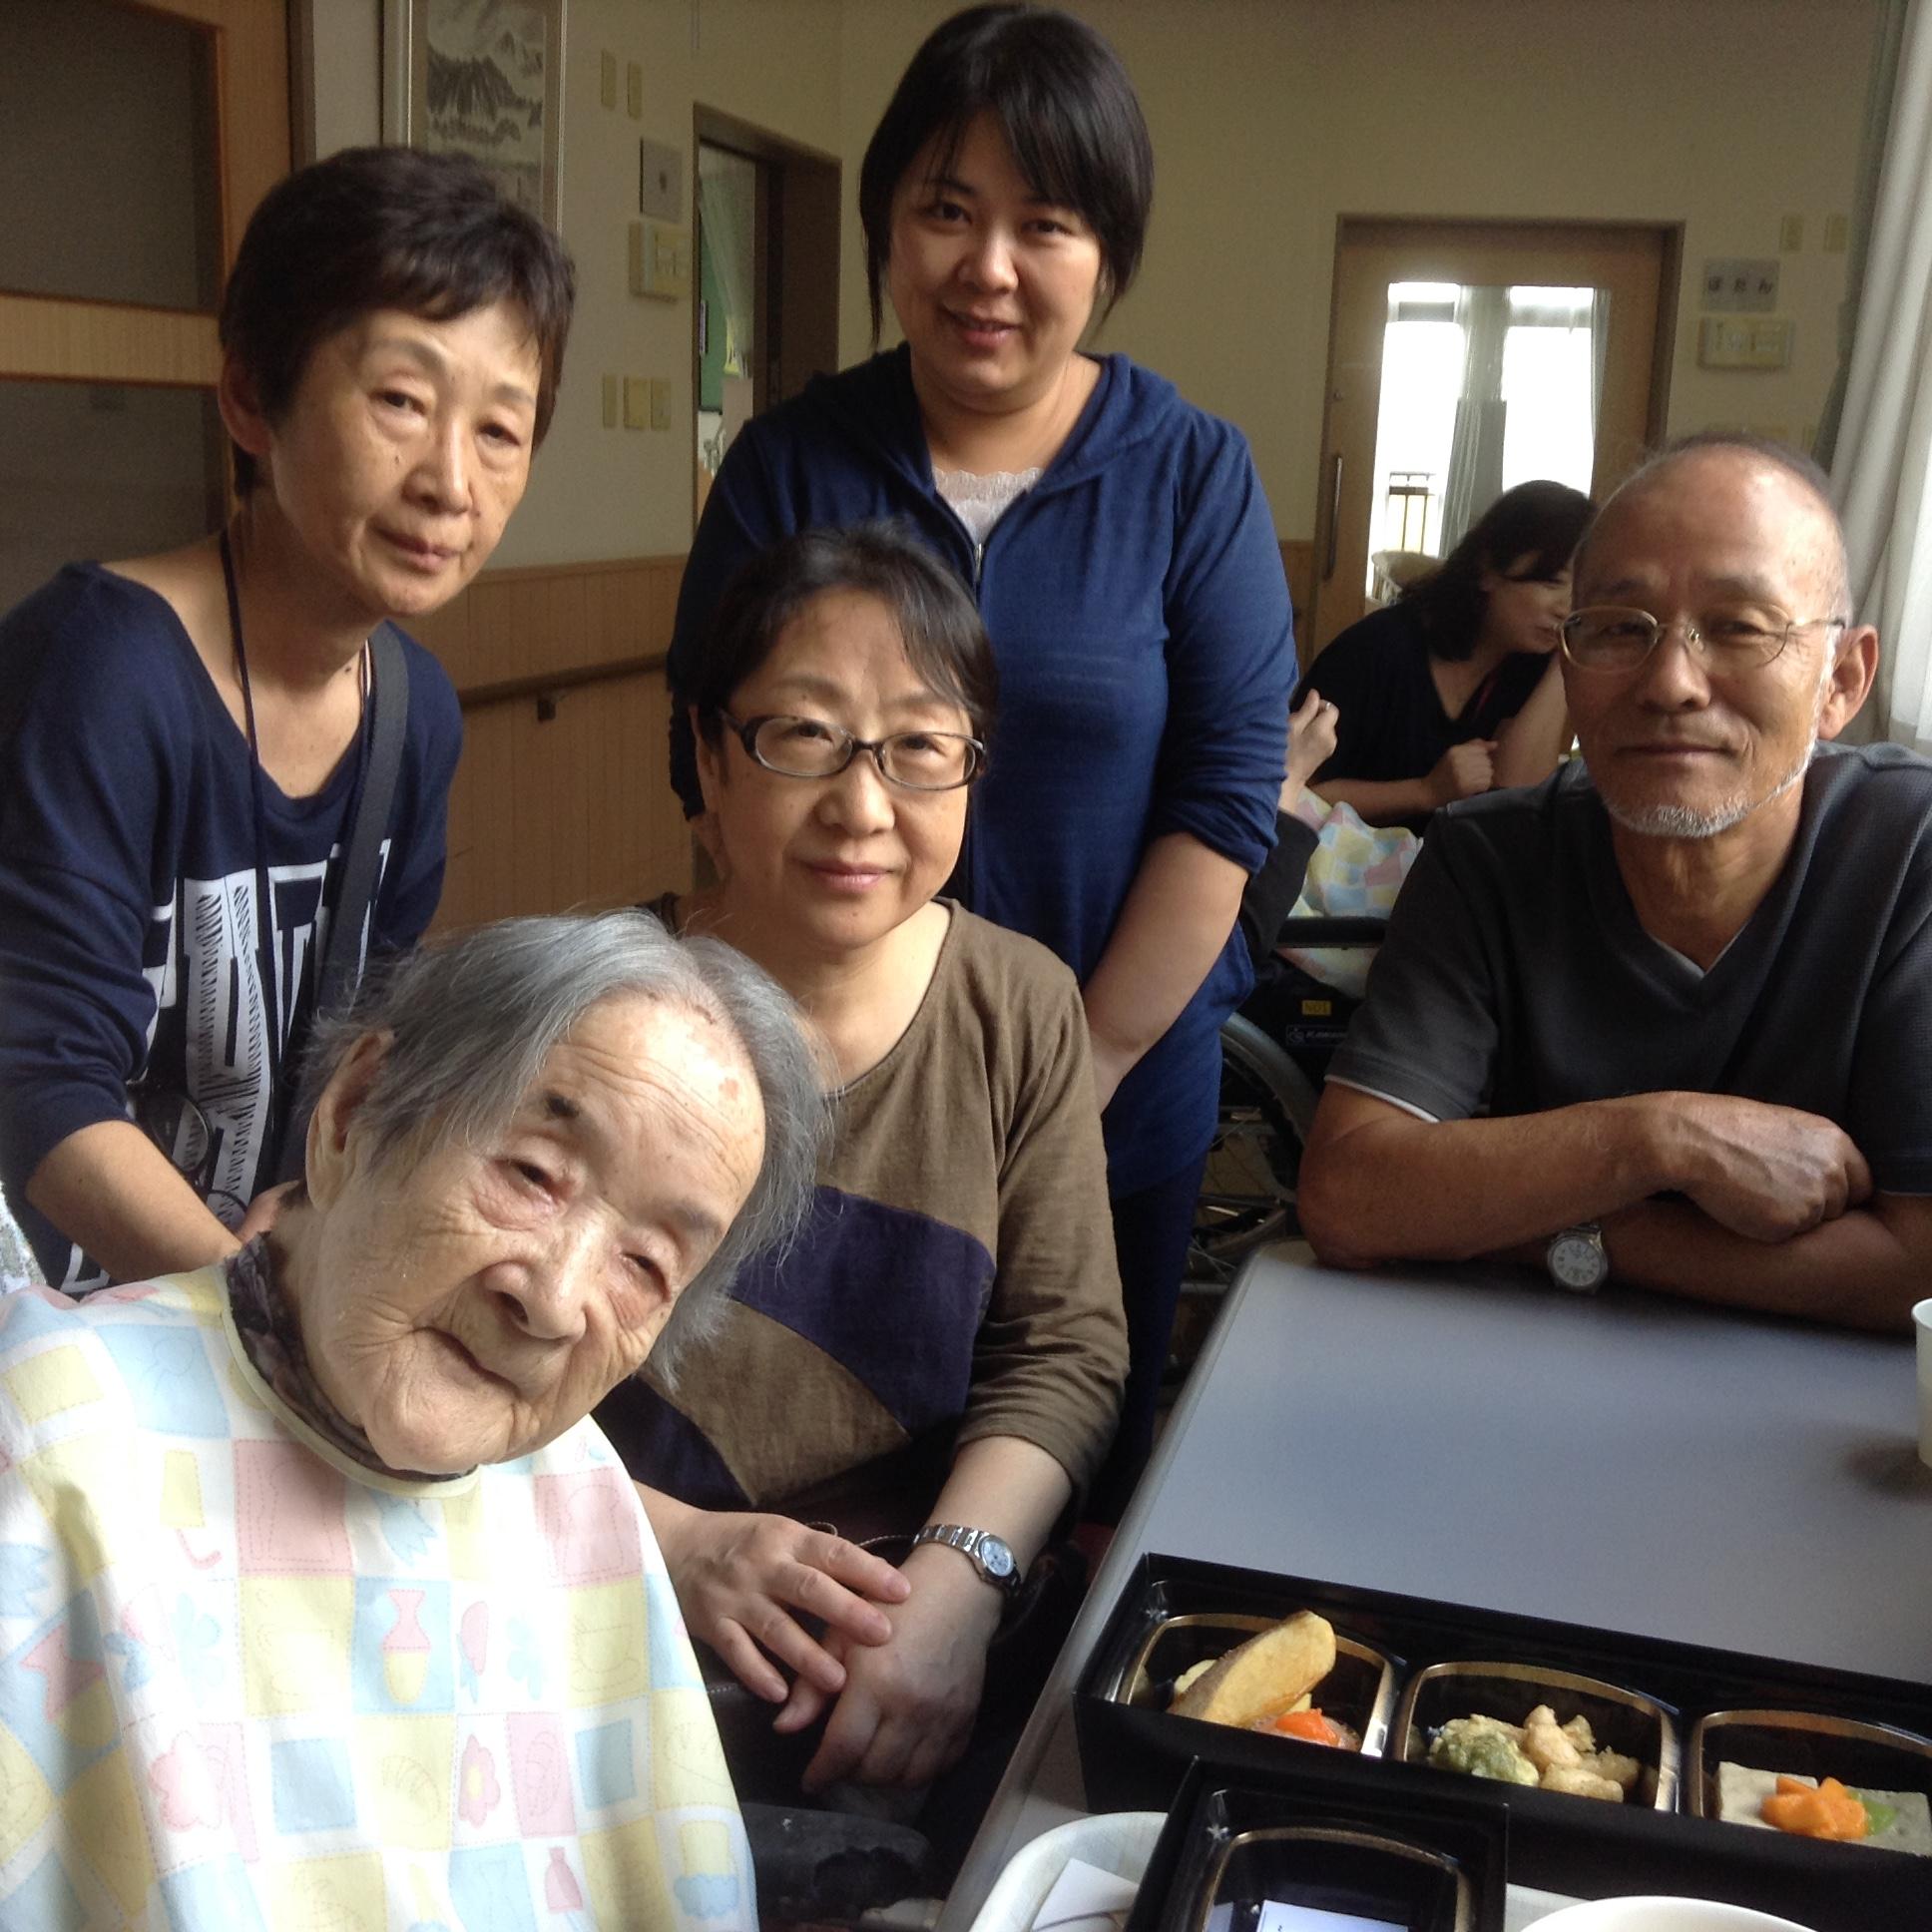 田中サ様 ご家族